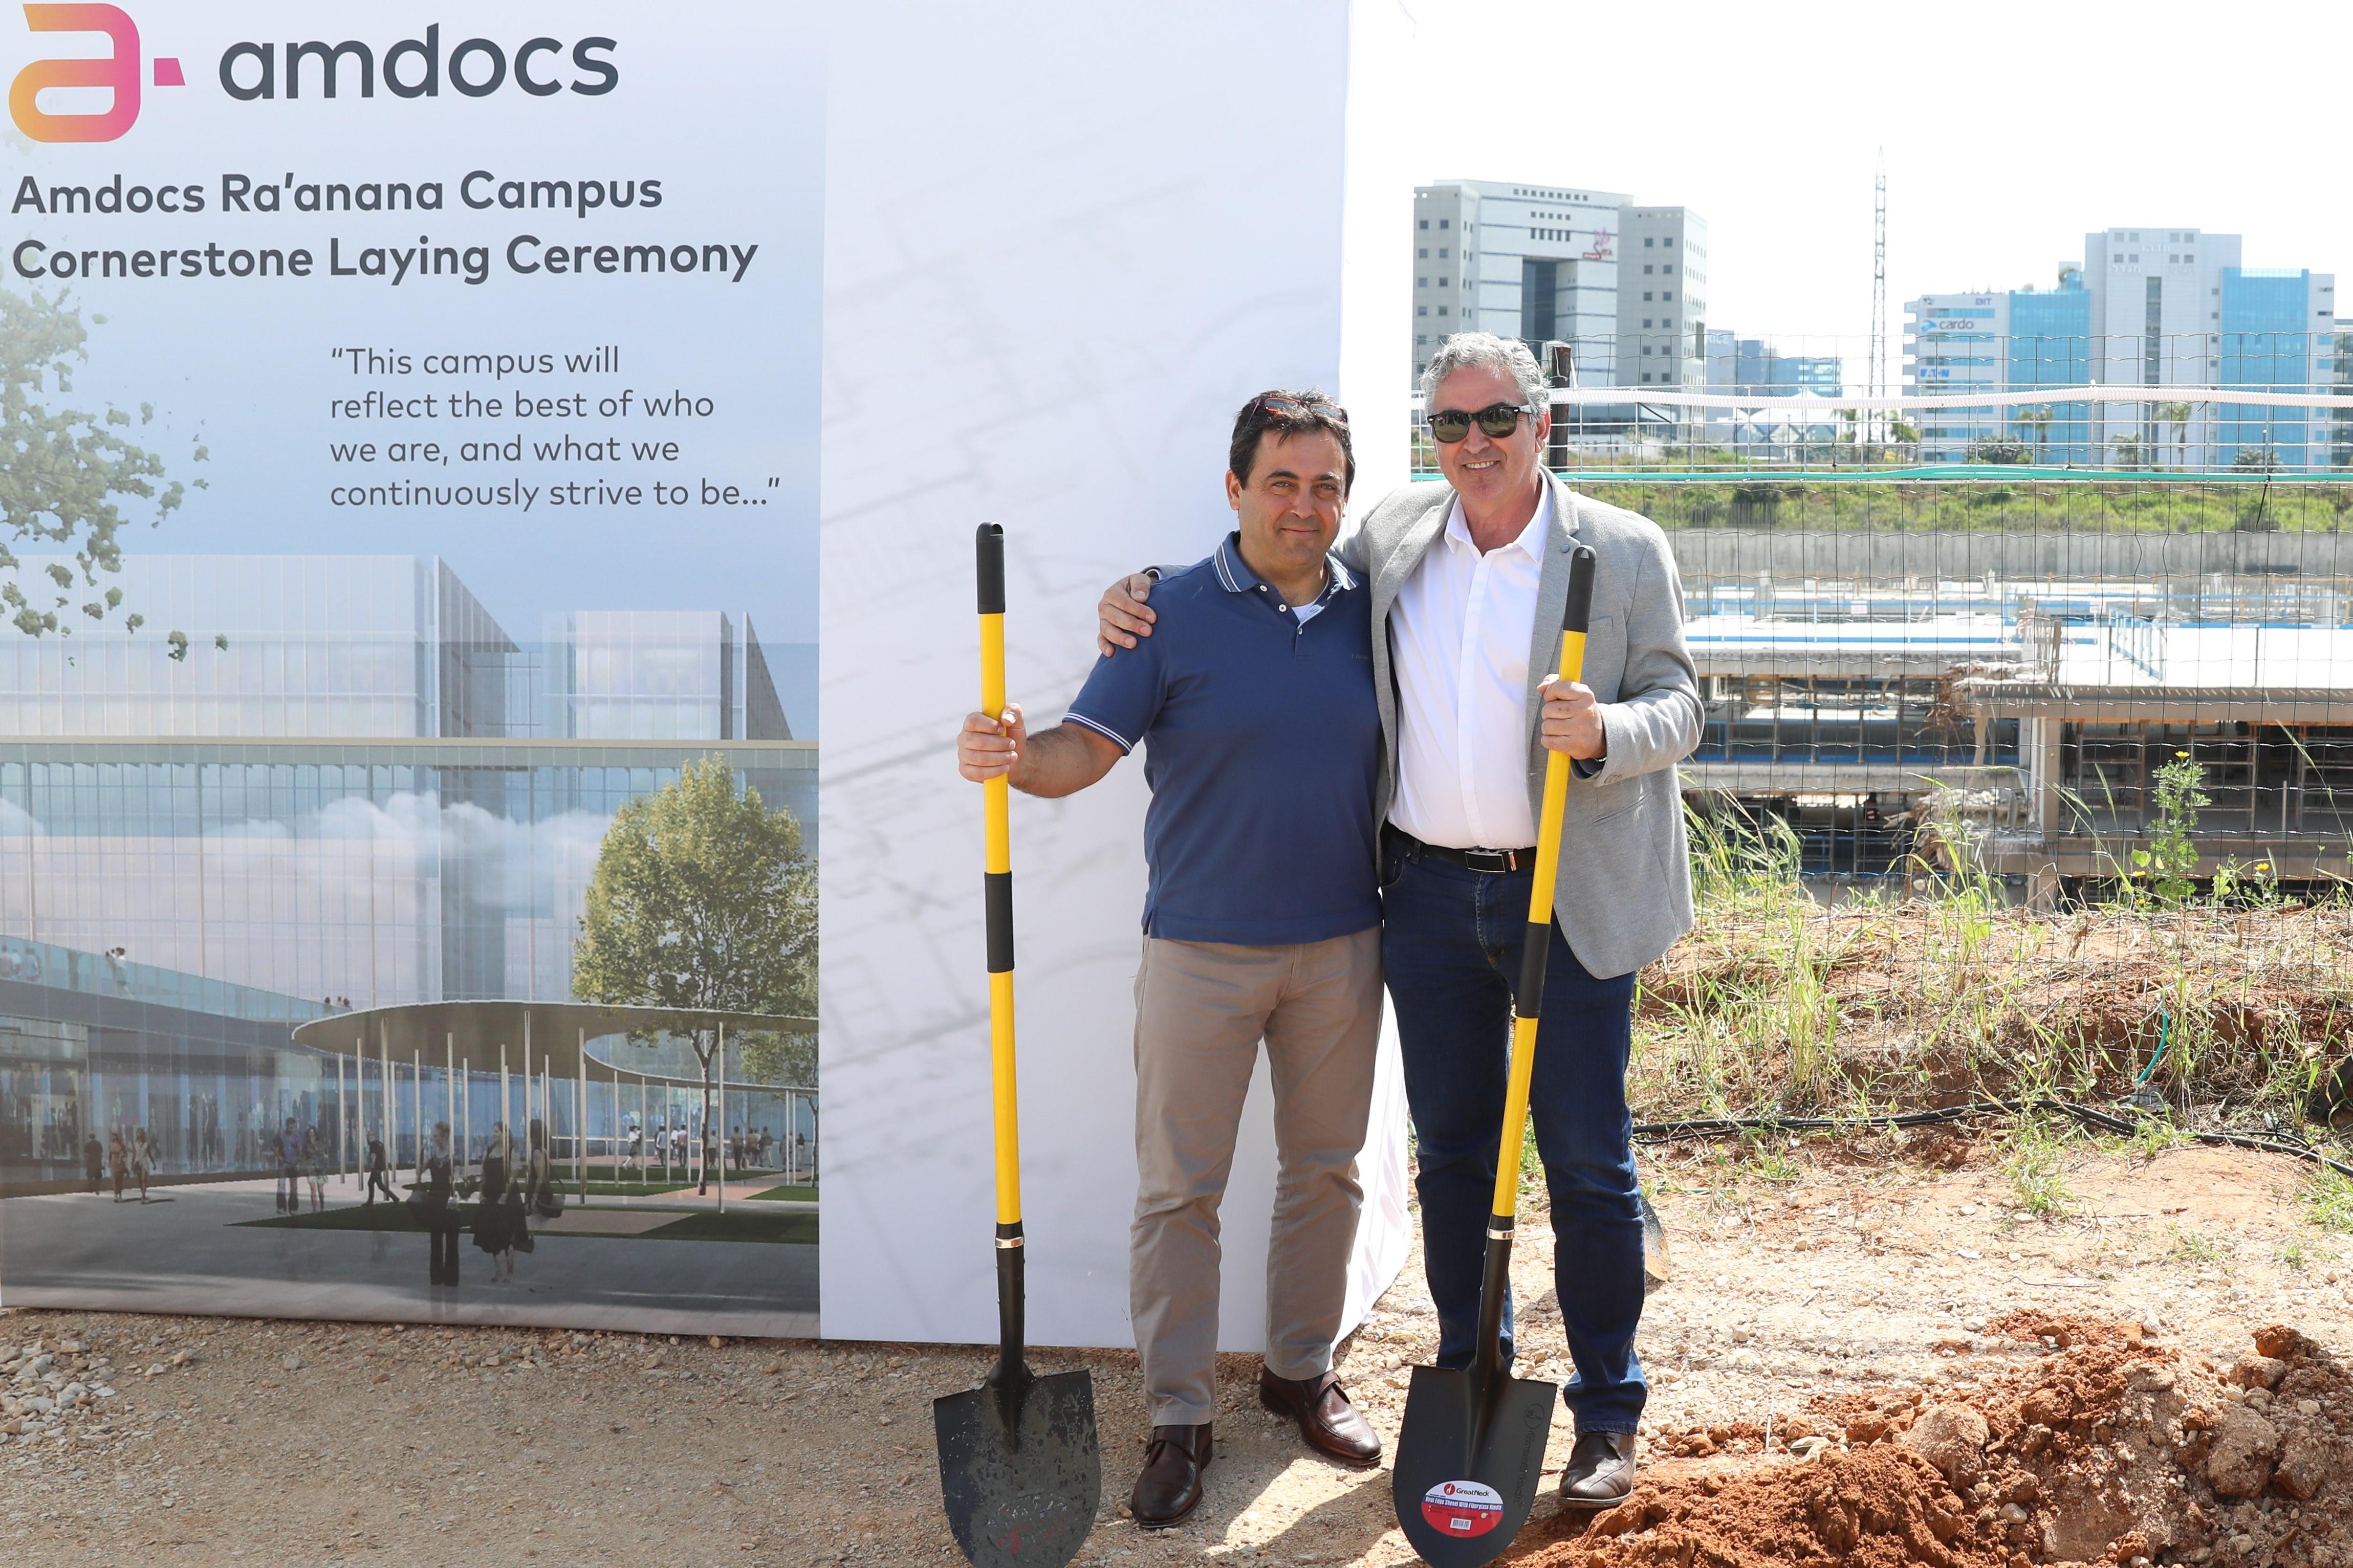 בניית הקמפוס החדש של אמדוקס ברעננה